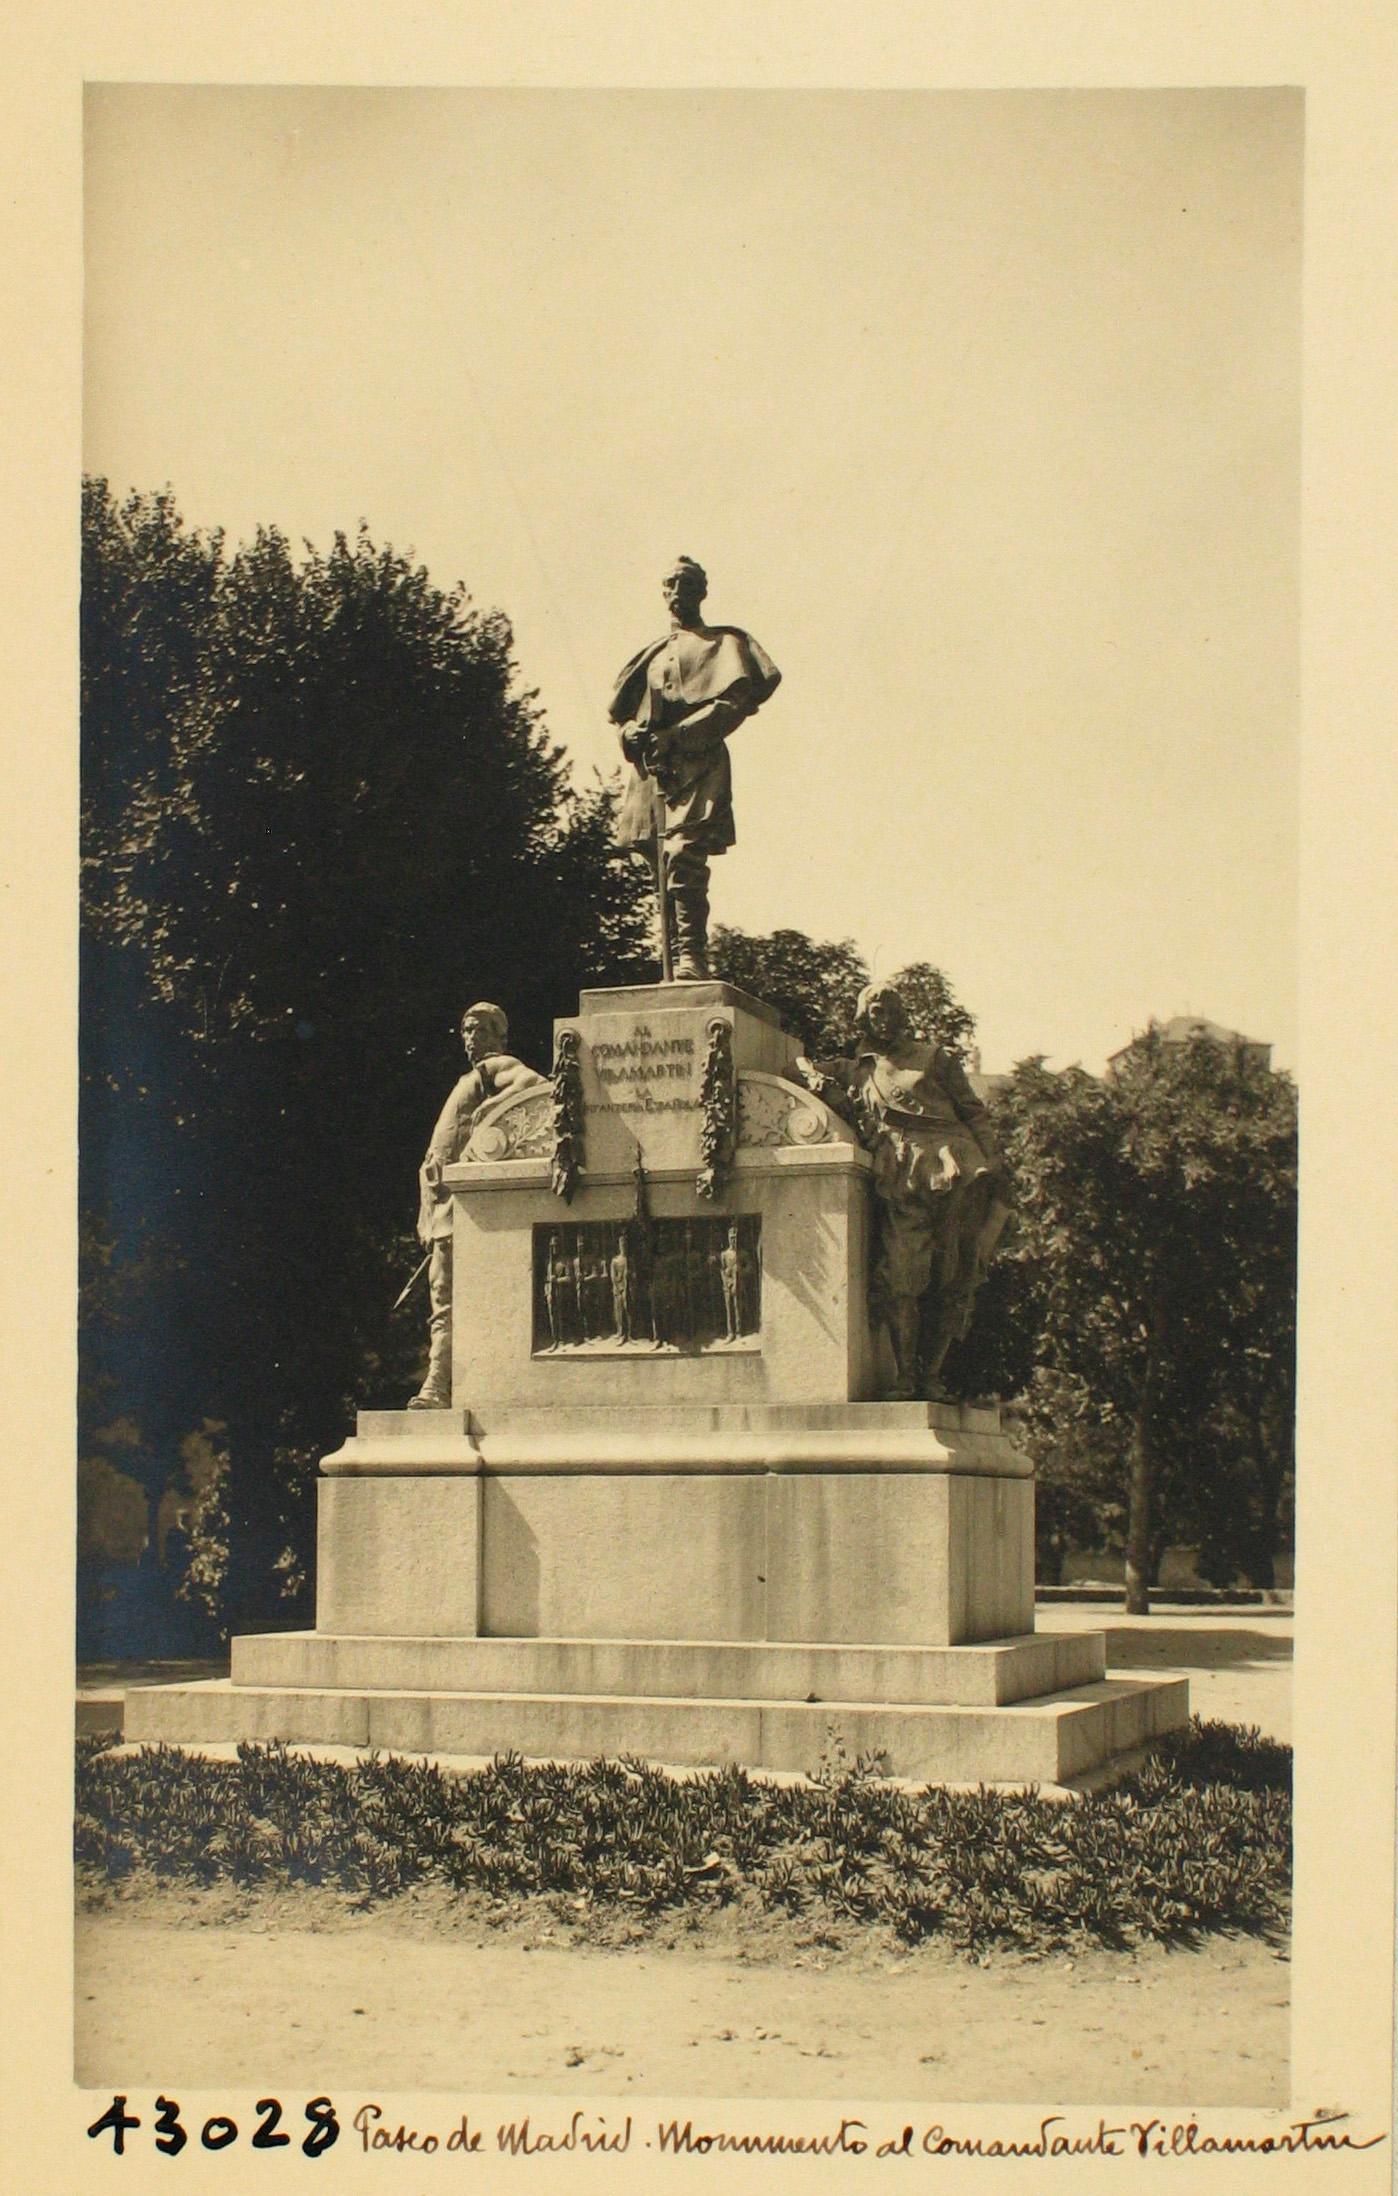 43028-Monumento al Comandante Villamartín en el Pº Merchán